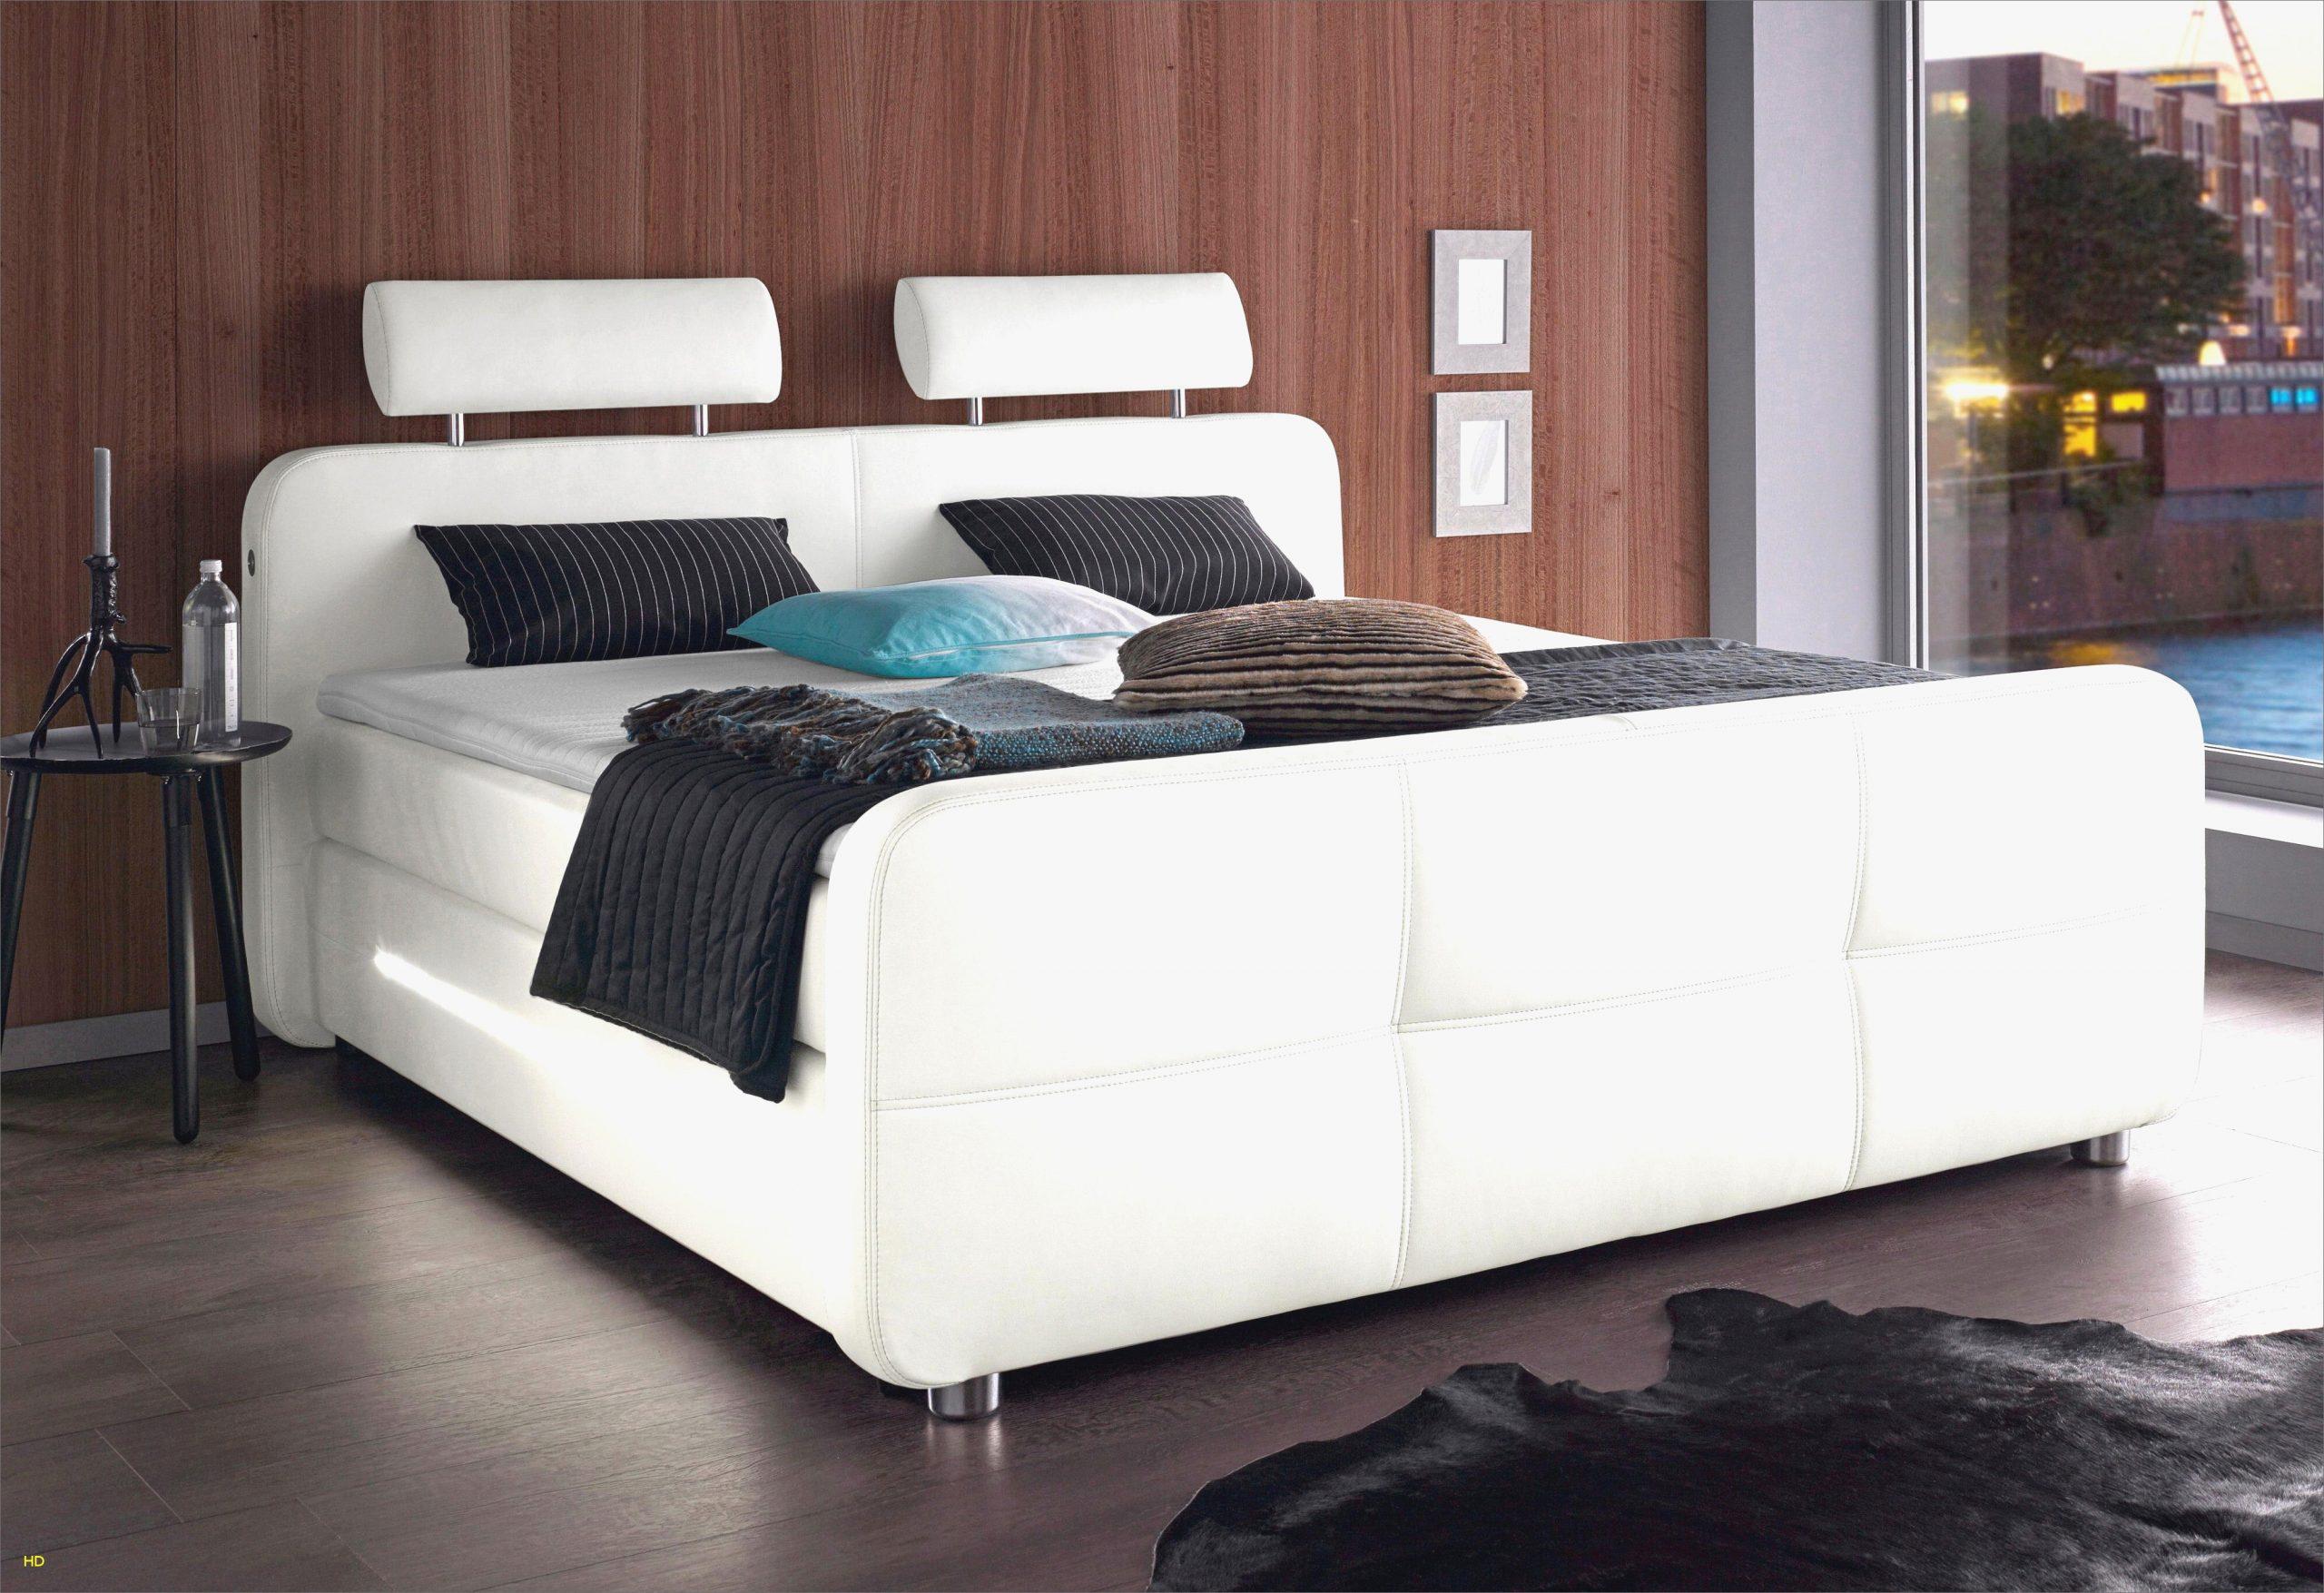 Full Size of Amerikanisches Bett Mit Vielen Kissen Holz Kaufen Bettgestell Selber Bauen Bettzeug Amerikanische Betten Beziehen 40 Hk King Size Amerikanisch Fhrung Bett Amerikanisches Bett